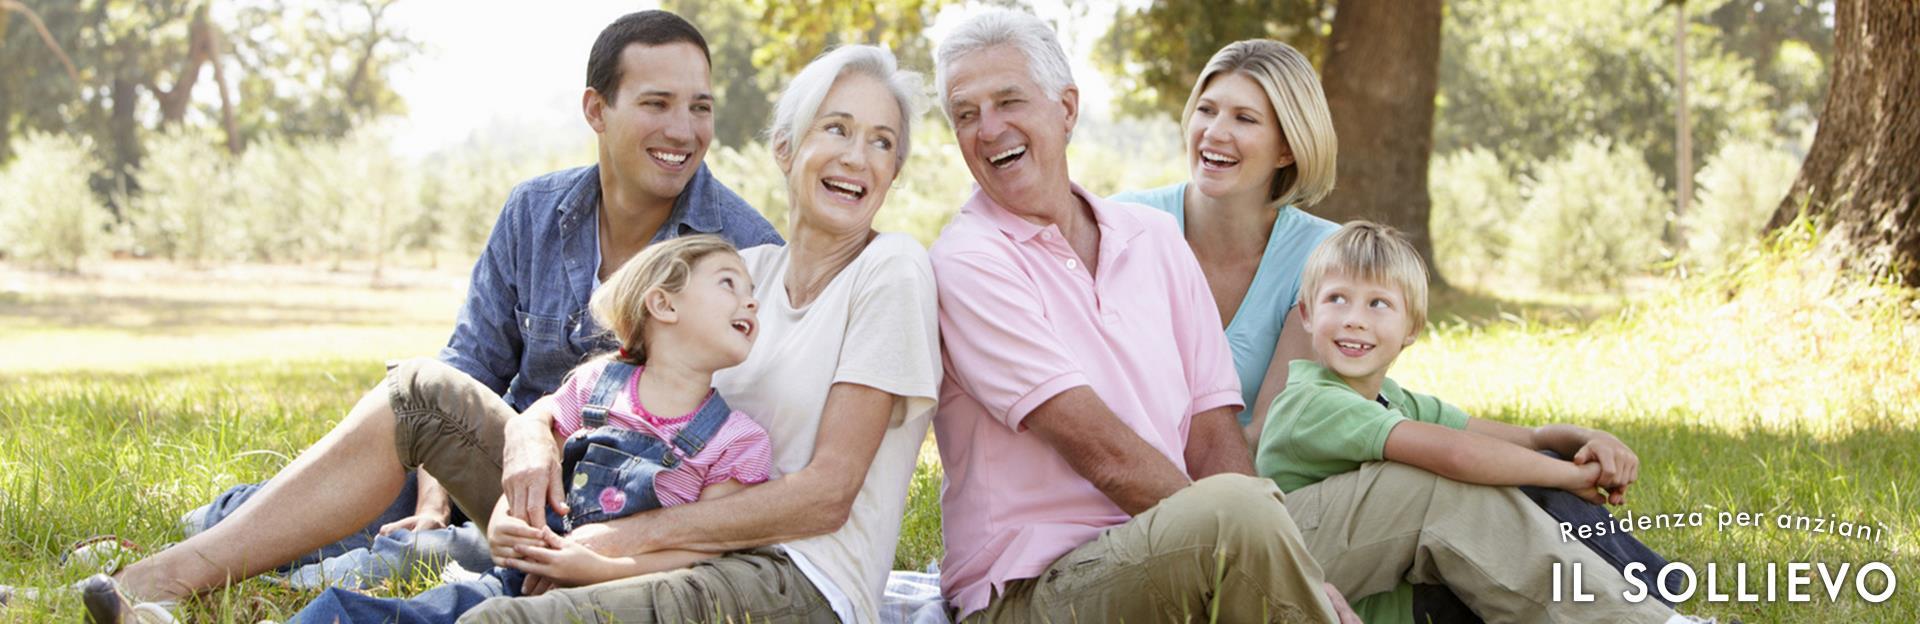 ricovero anziani censena